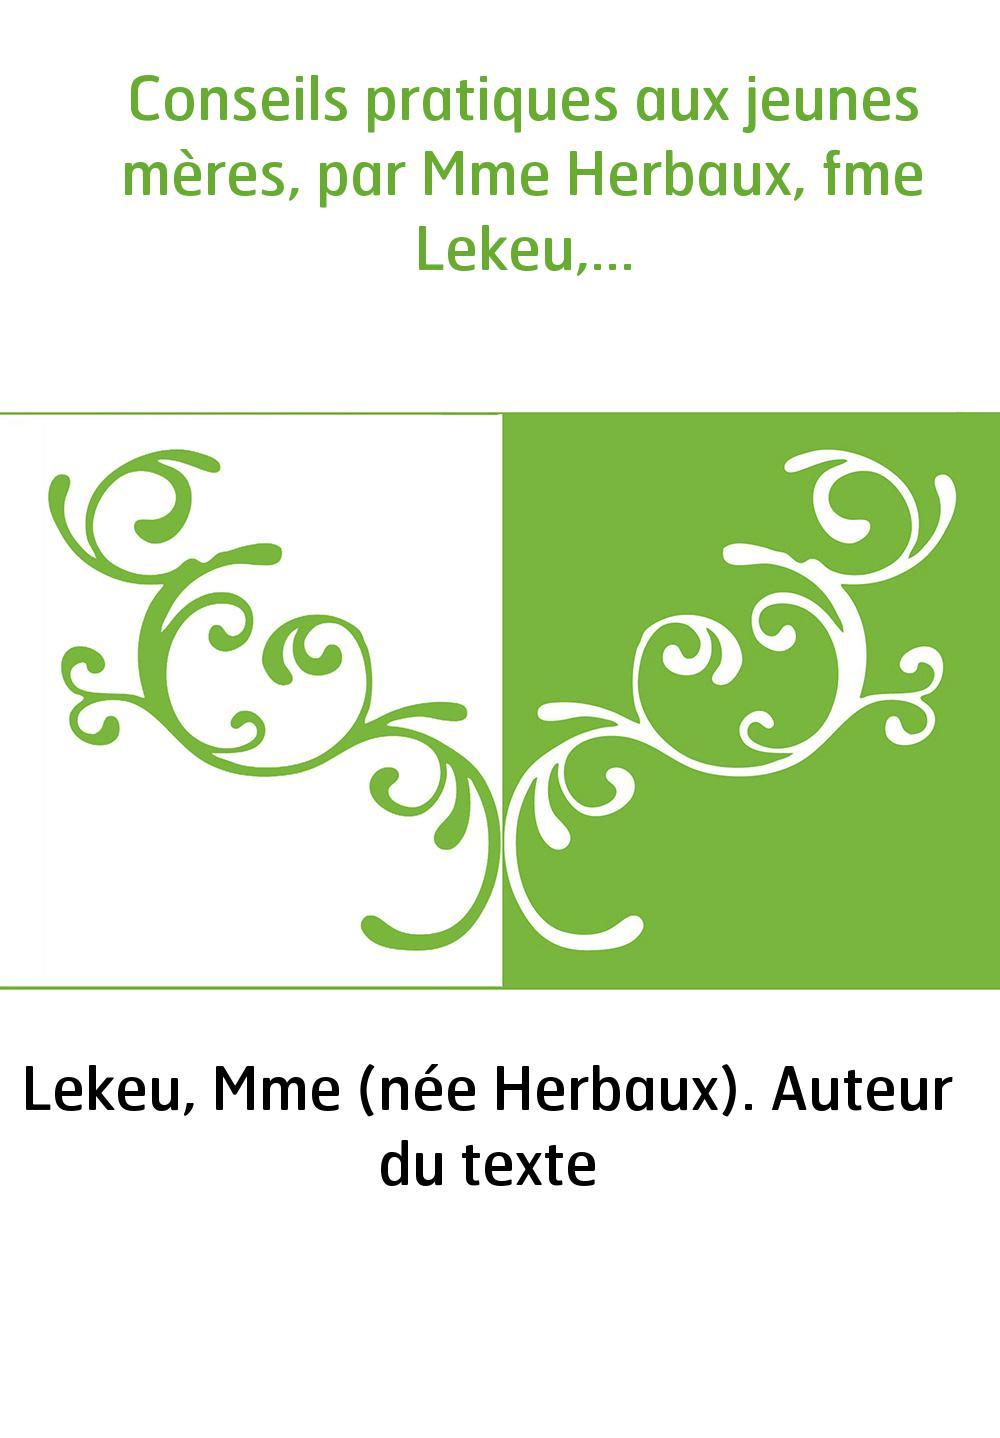 Conseils pratiques aux jeunes mères, par Mme Herbaux, fme Lekeu,...